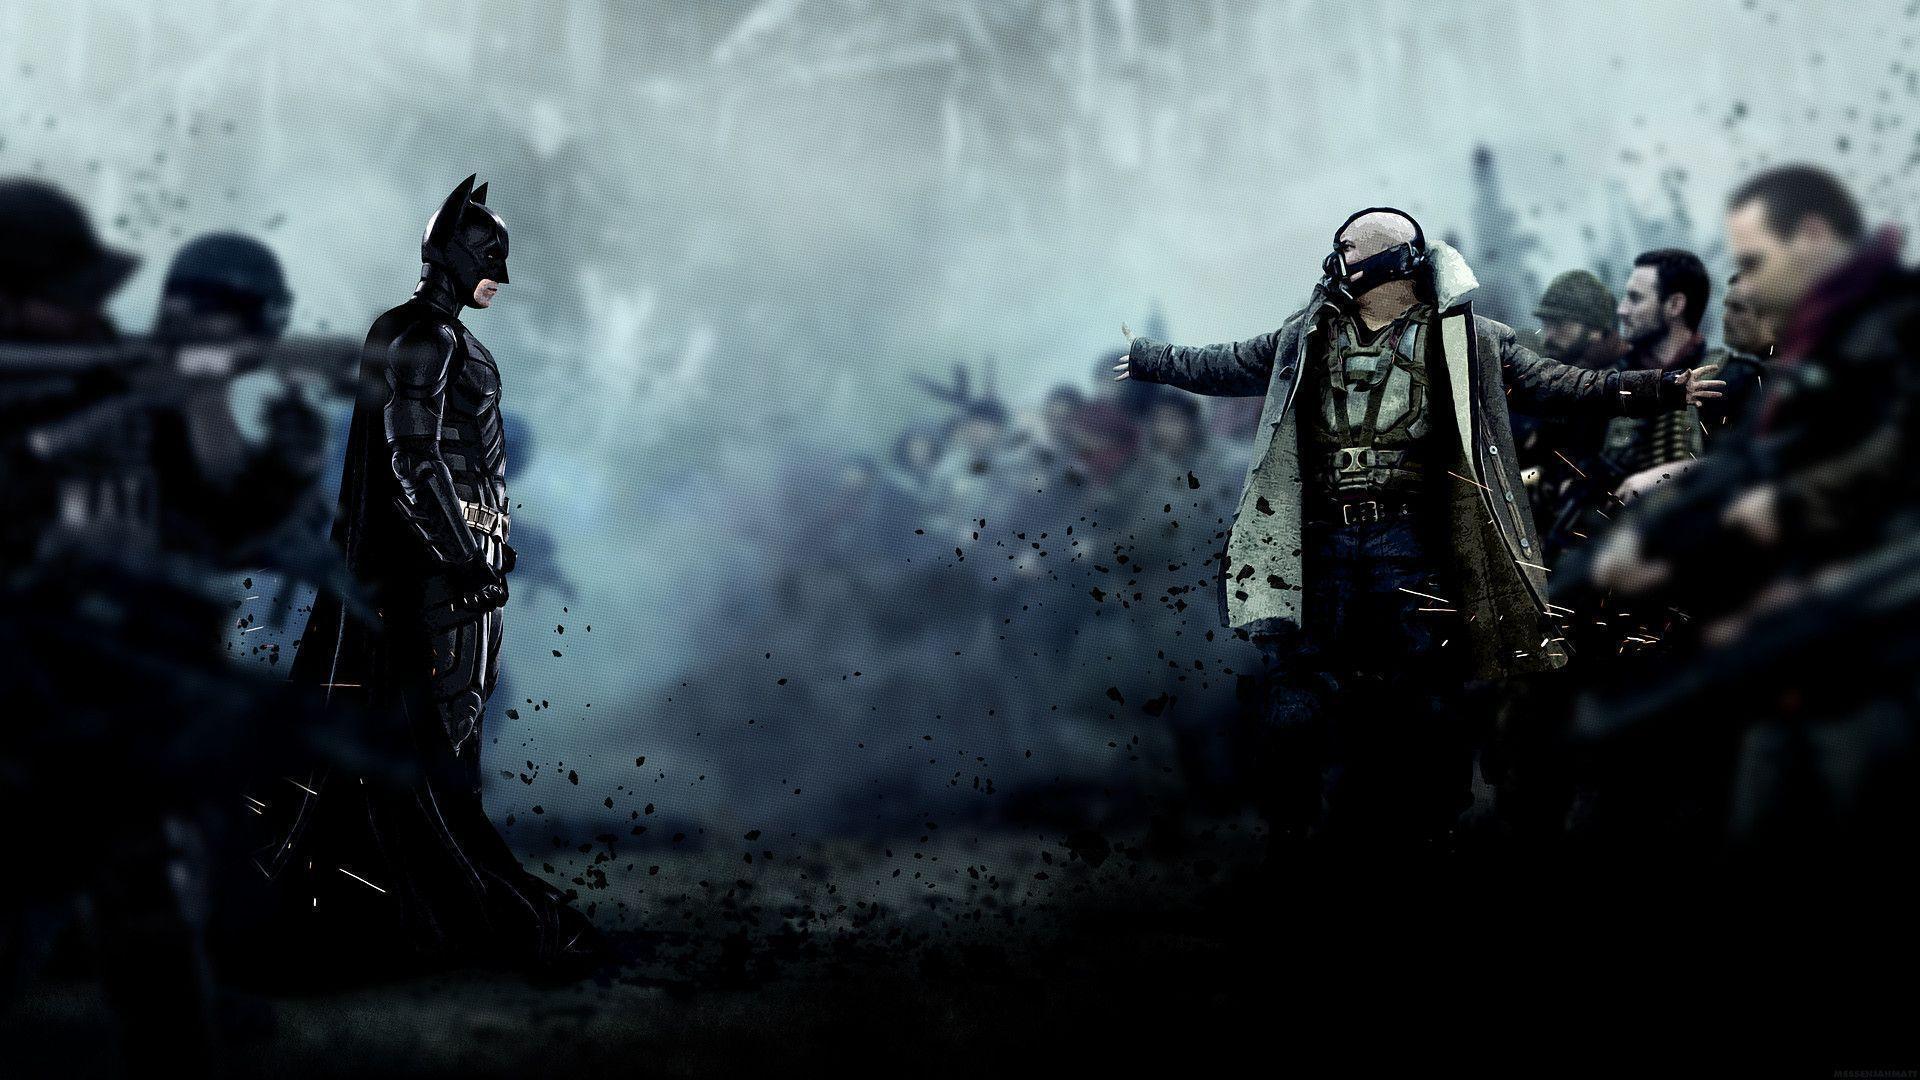 The Dark Knight Rises Wallpapers HD 1920x1080 1920x1080